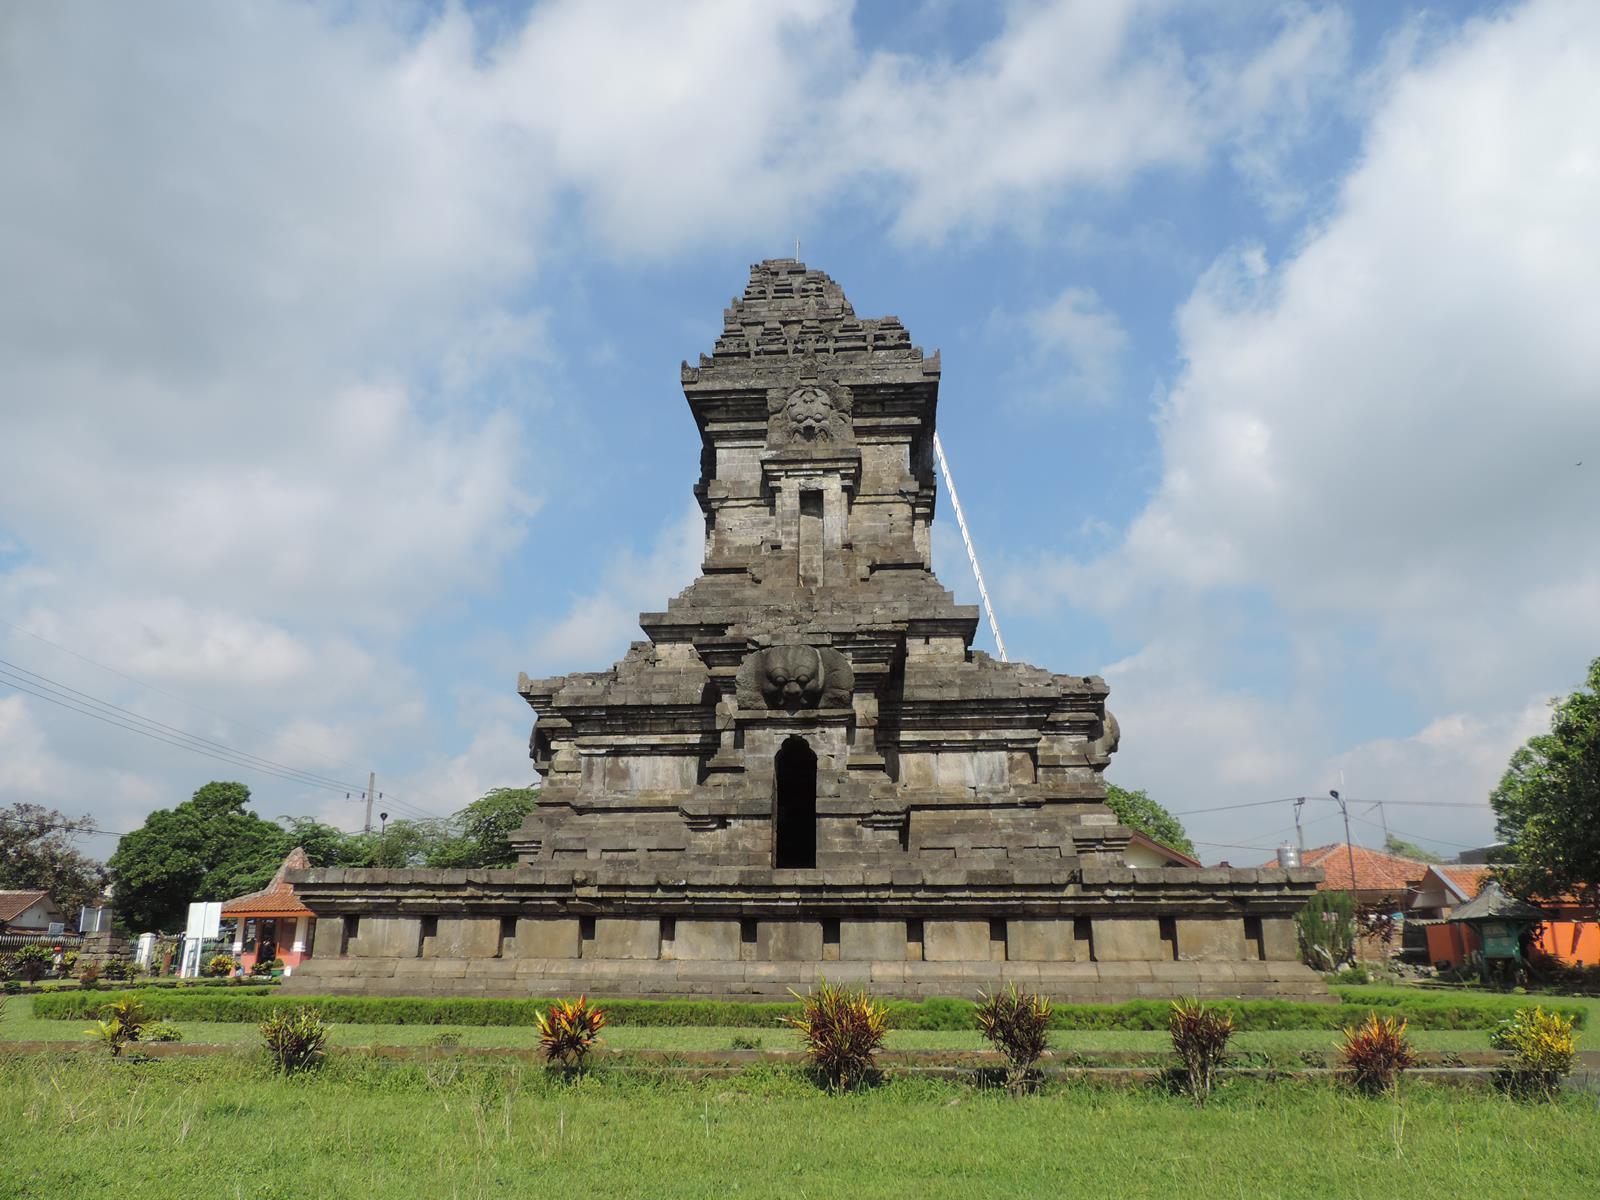 Legenda Candi Singosari Alamasedy Diperkirakan Dibangun 1300 Kab Malang